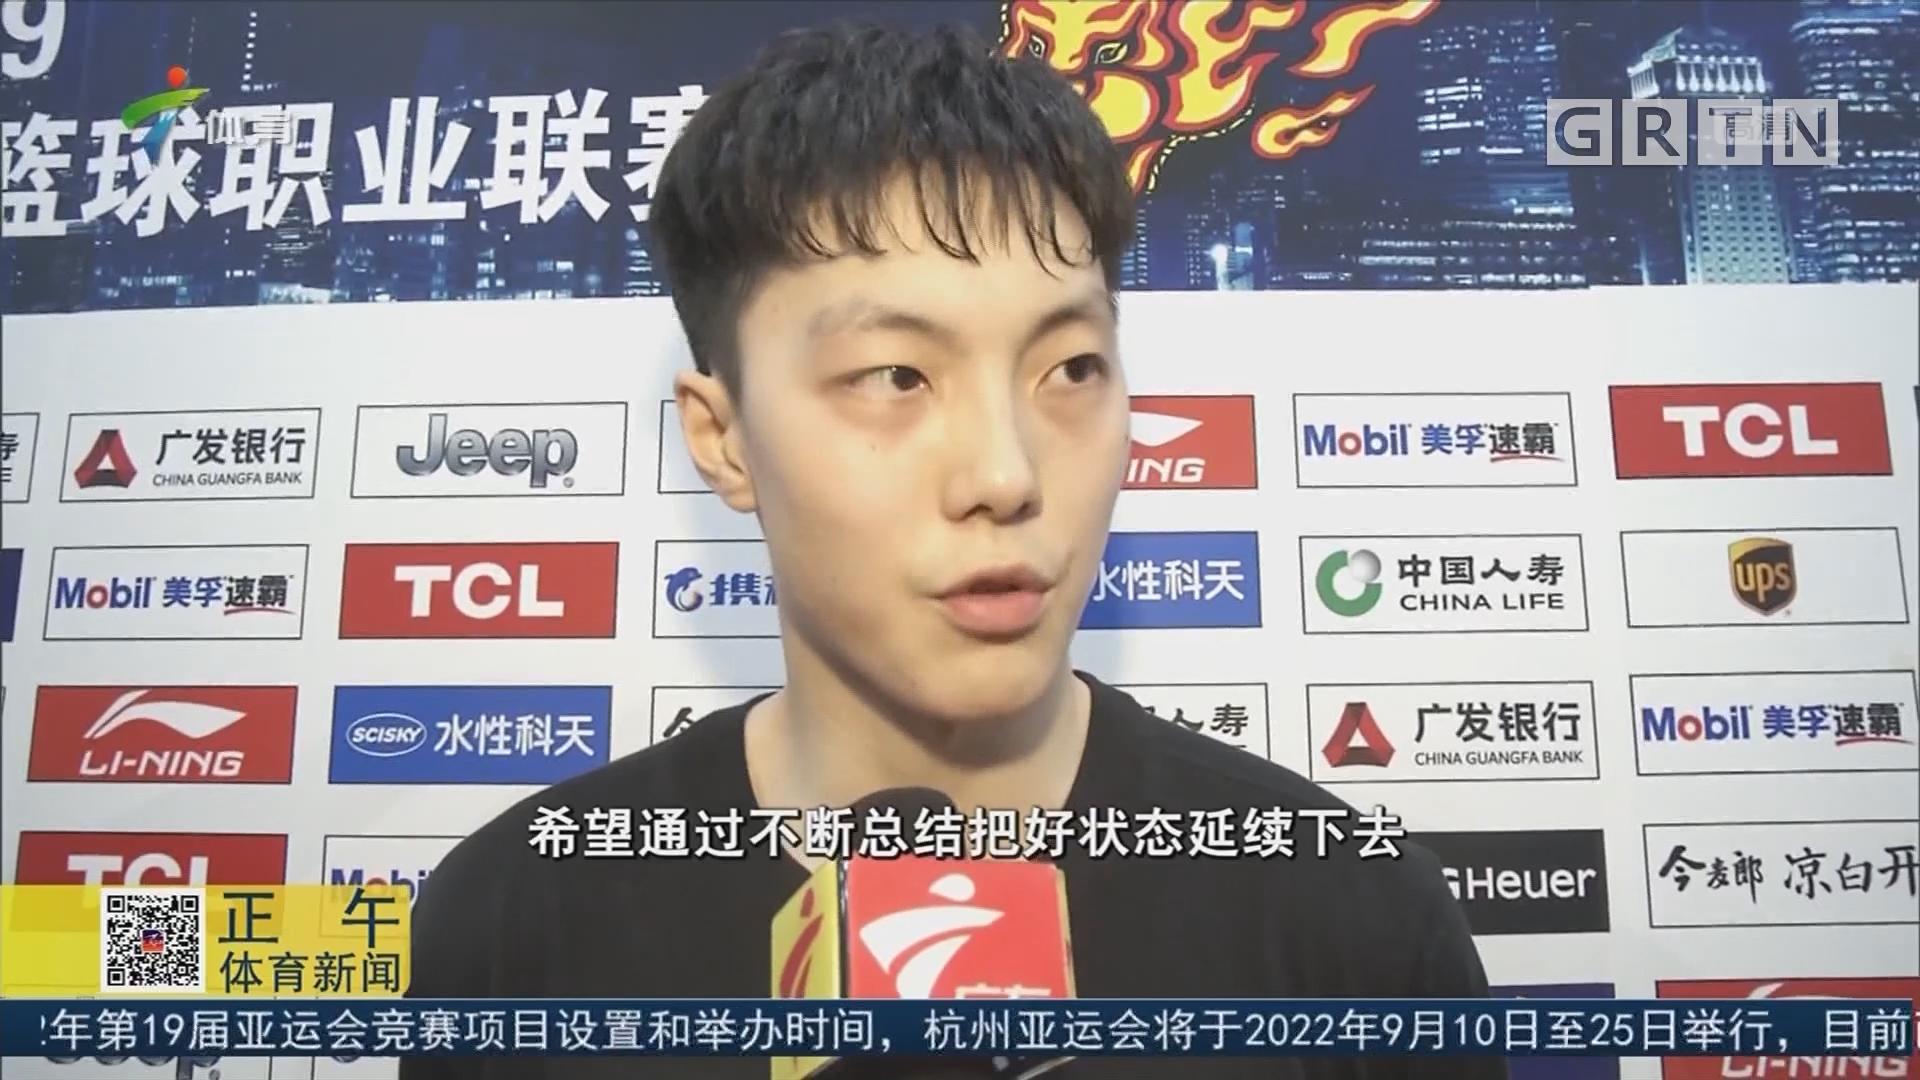 """广东闪电战击垮深圳 胡明轩迎来""""大爆发"""""""